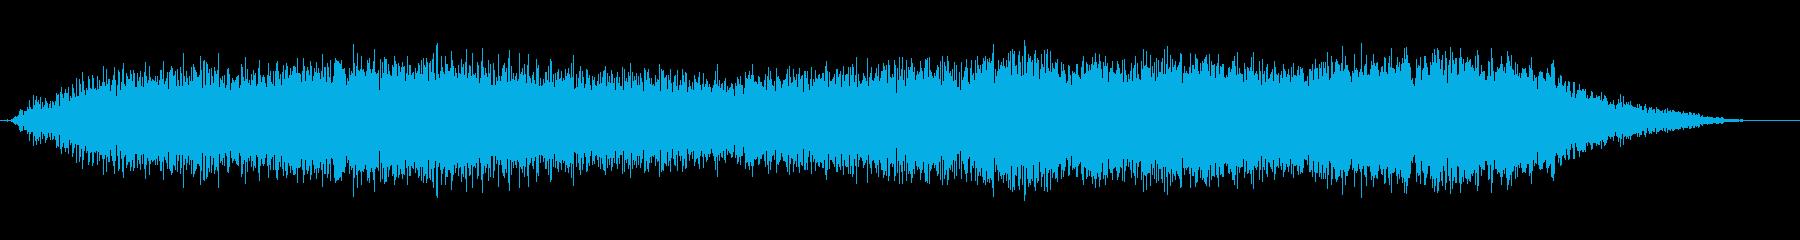 ファントムメカニクスの再生済みの波形